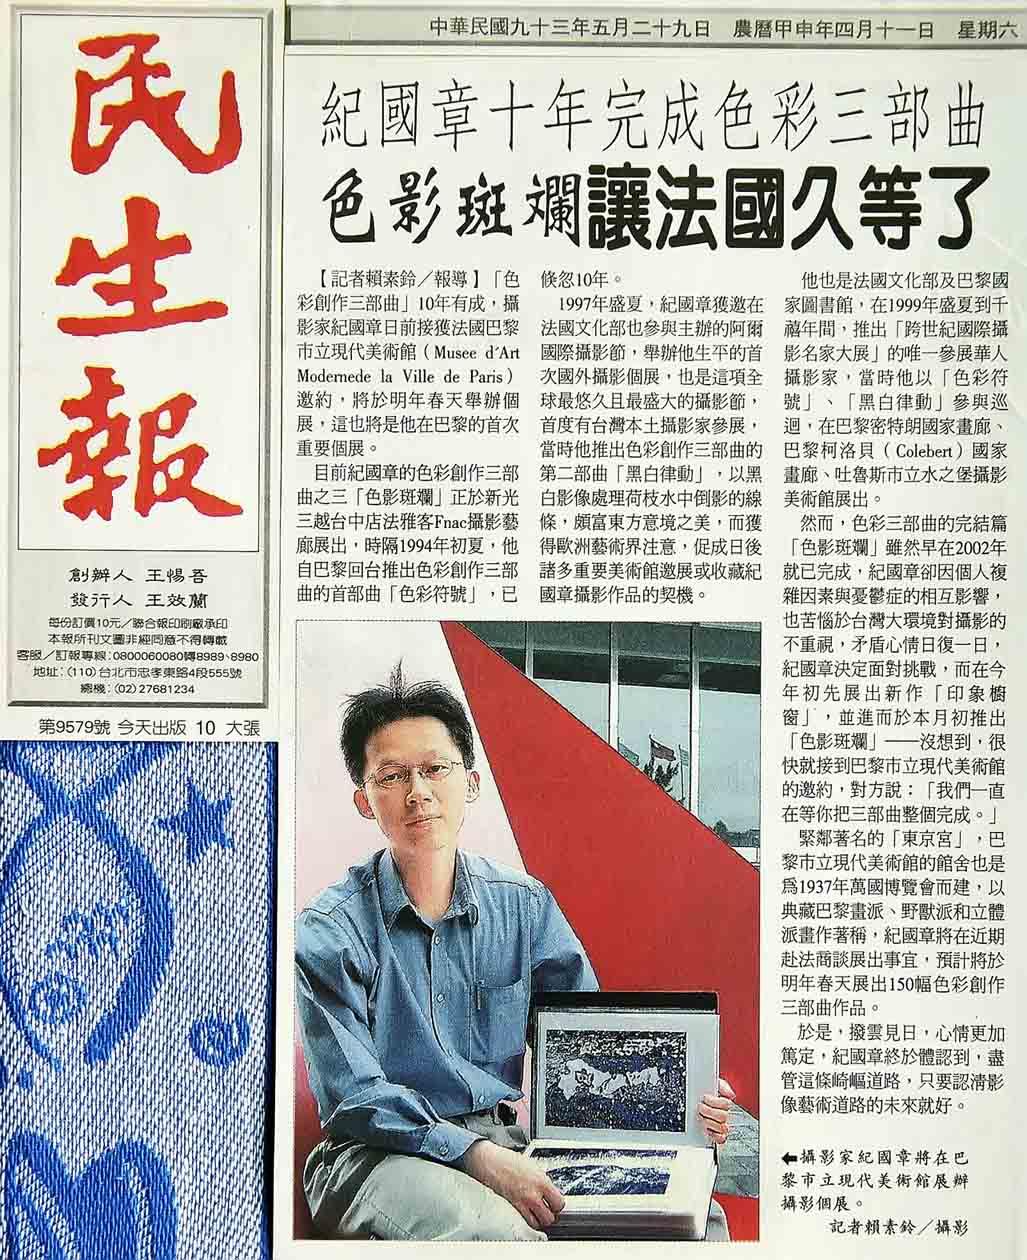 紀國章老師2005北美館色彩三部曲展覽主流媒體報導-1.jpg